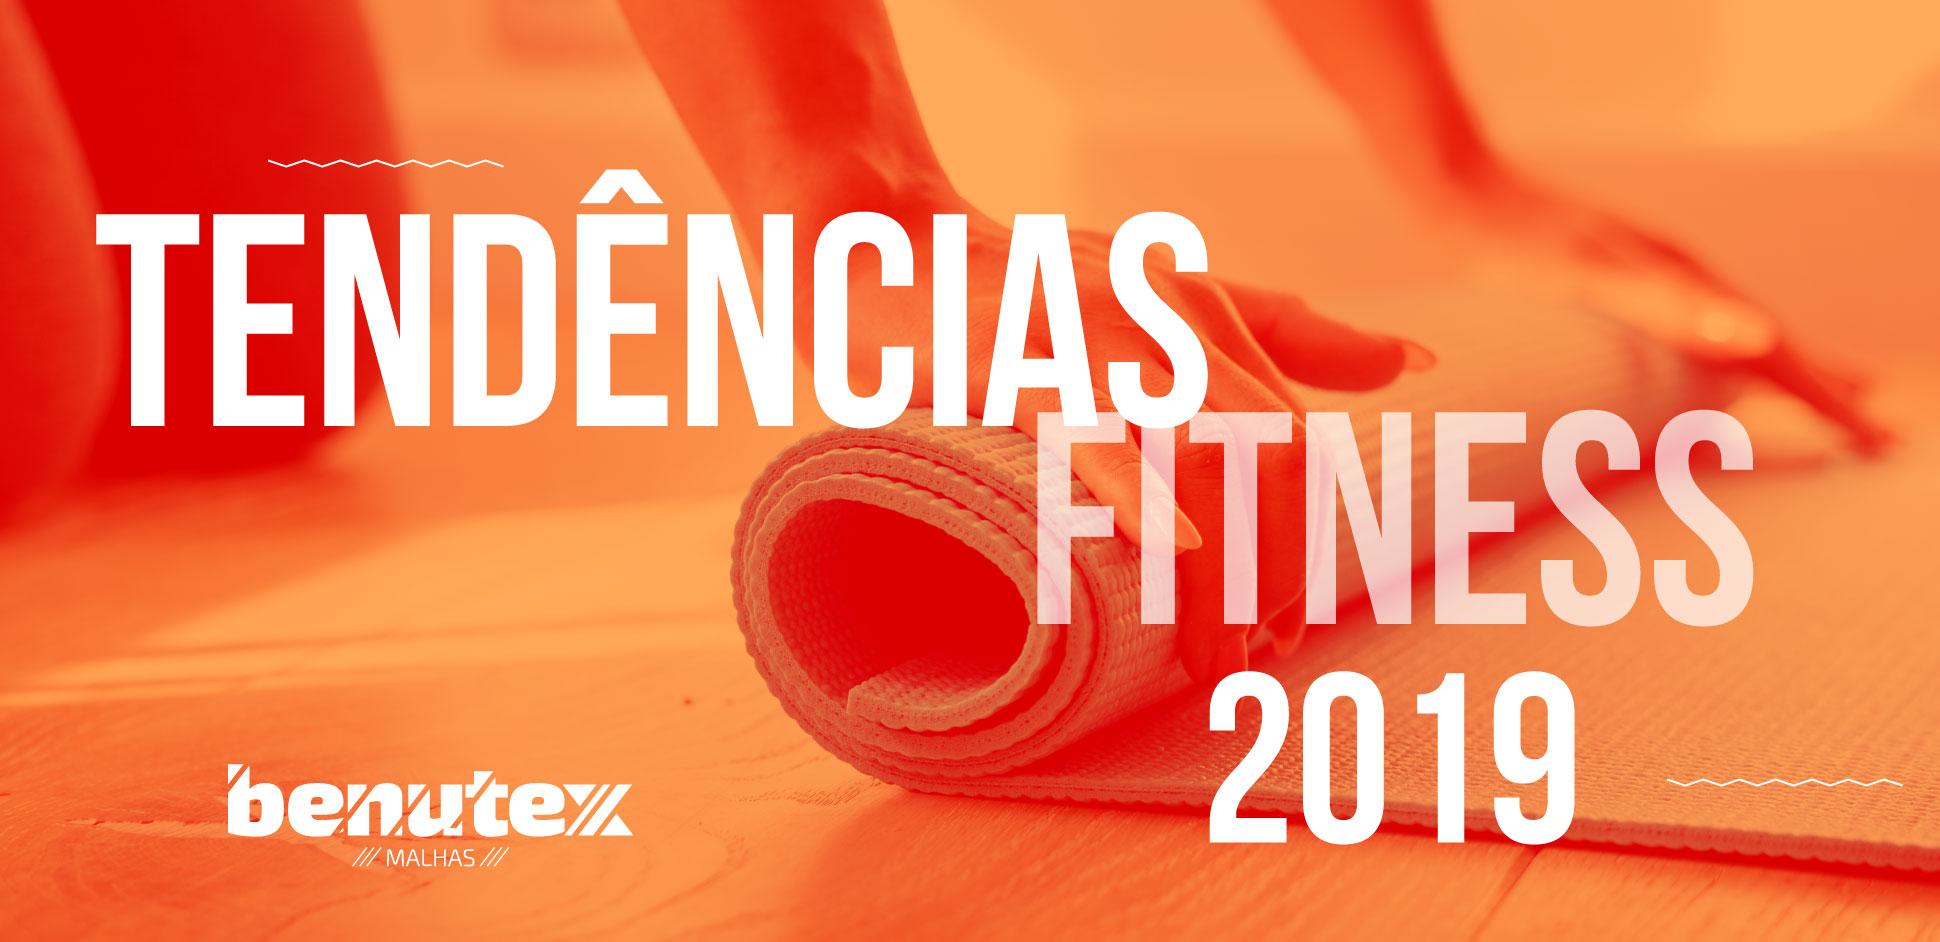 Tendências Fitness 2019